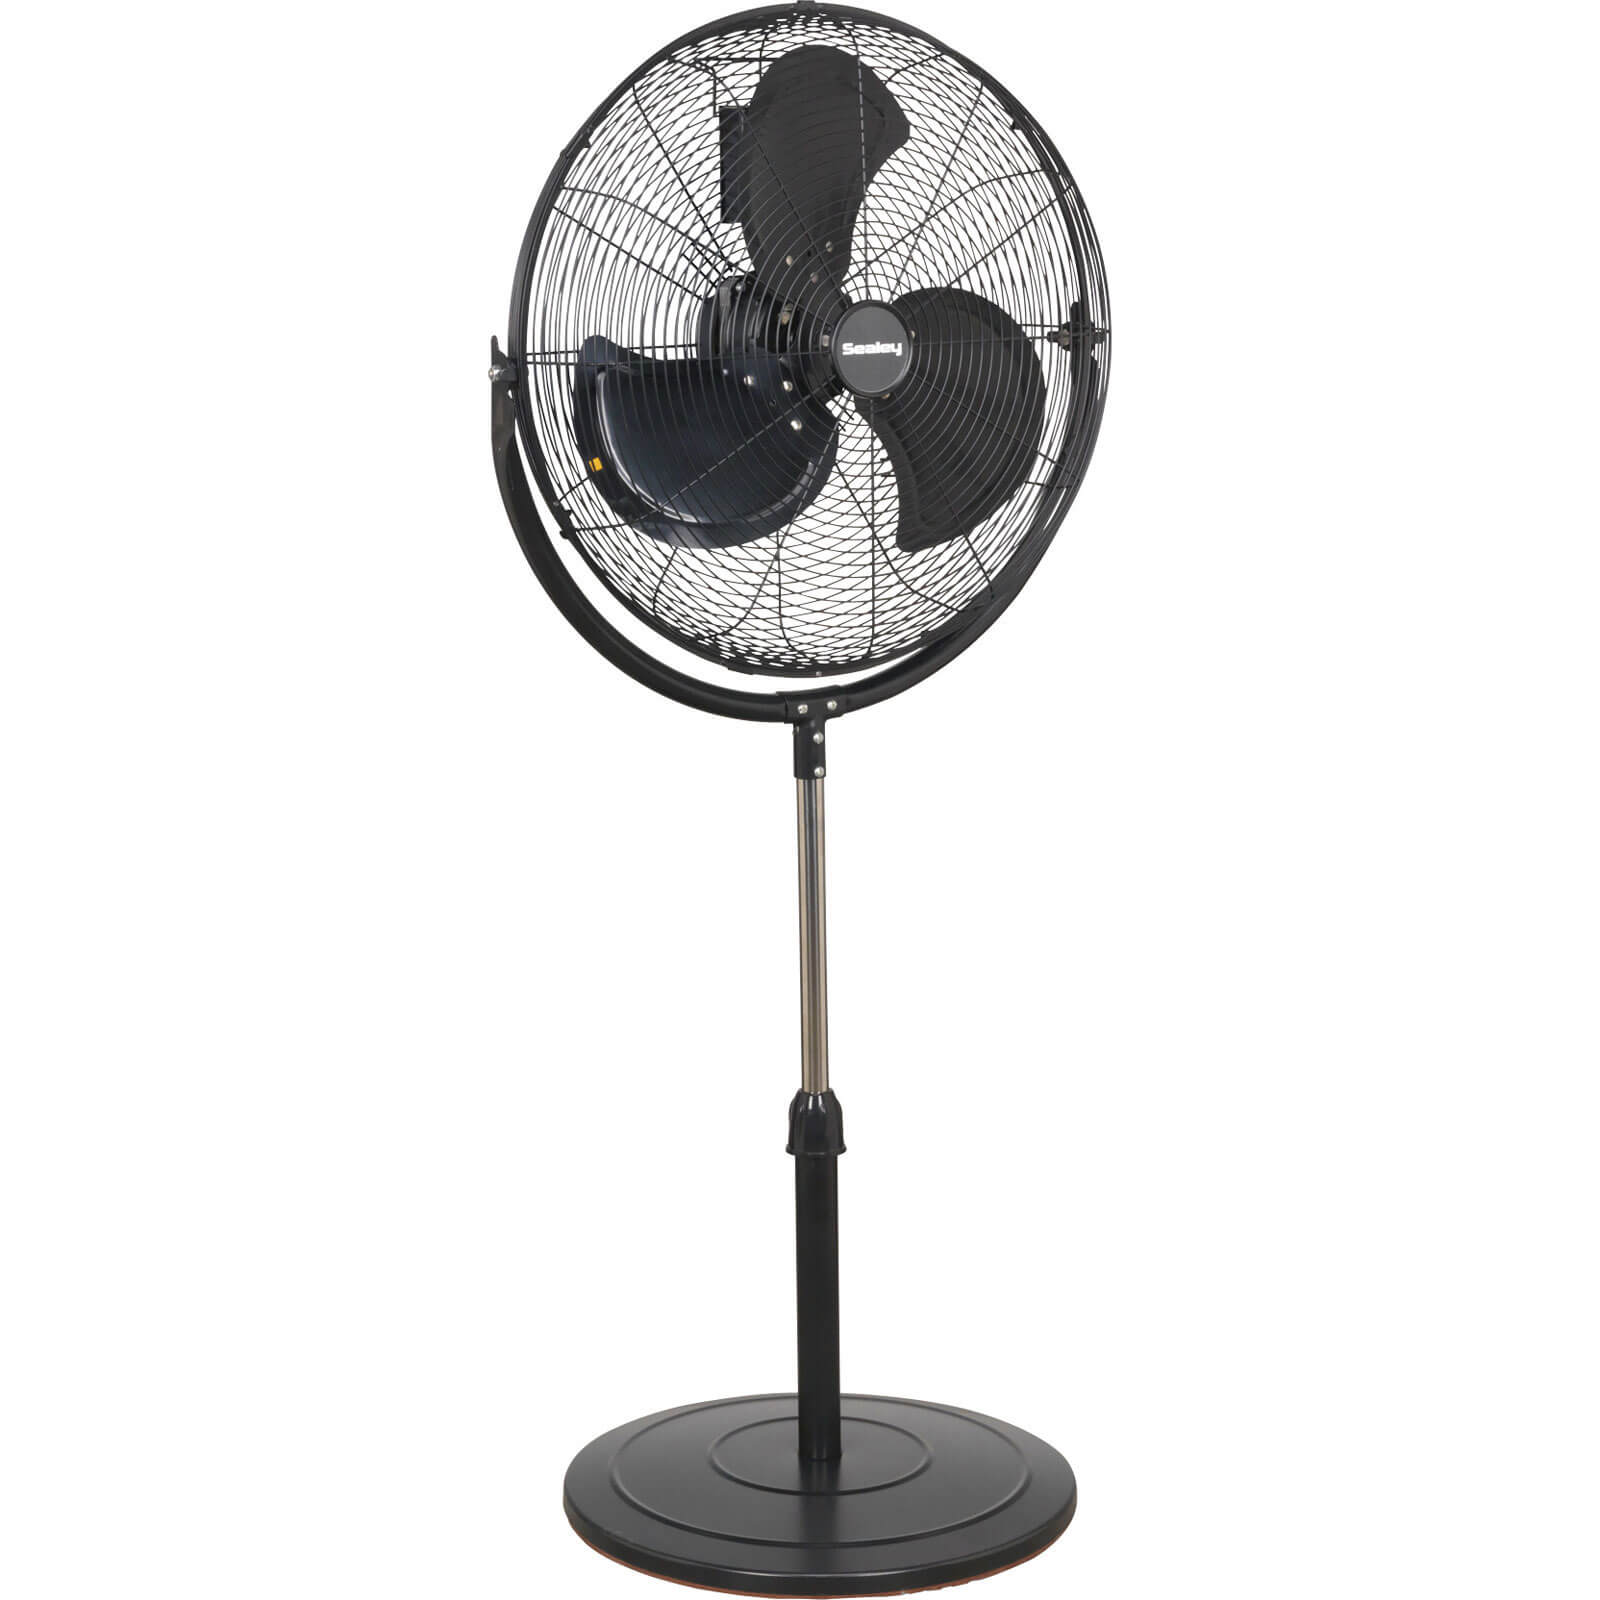 Industrial Pedestal Fans : Sealey industrial high velocity pedestal fan